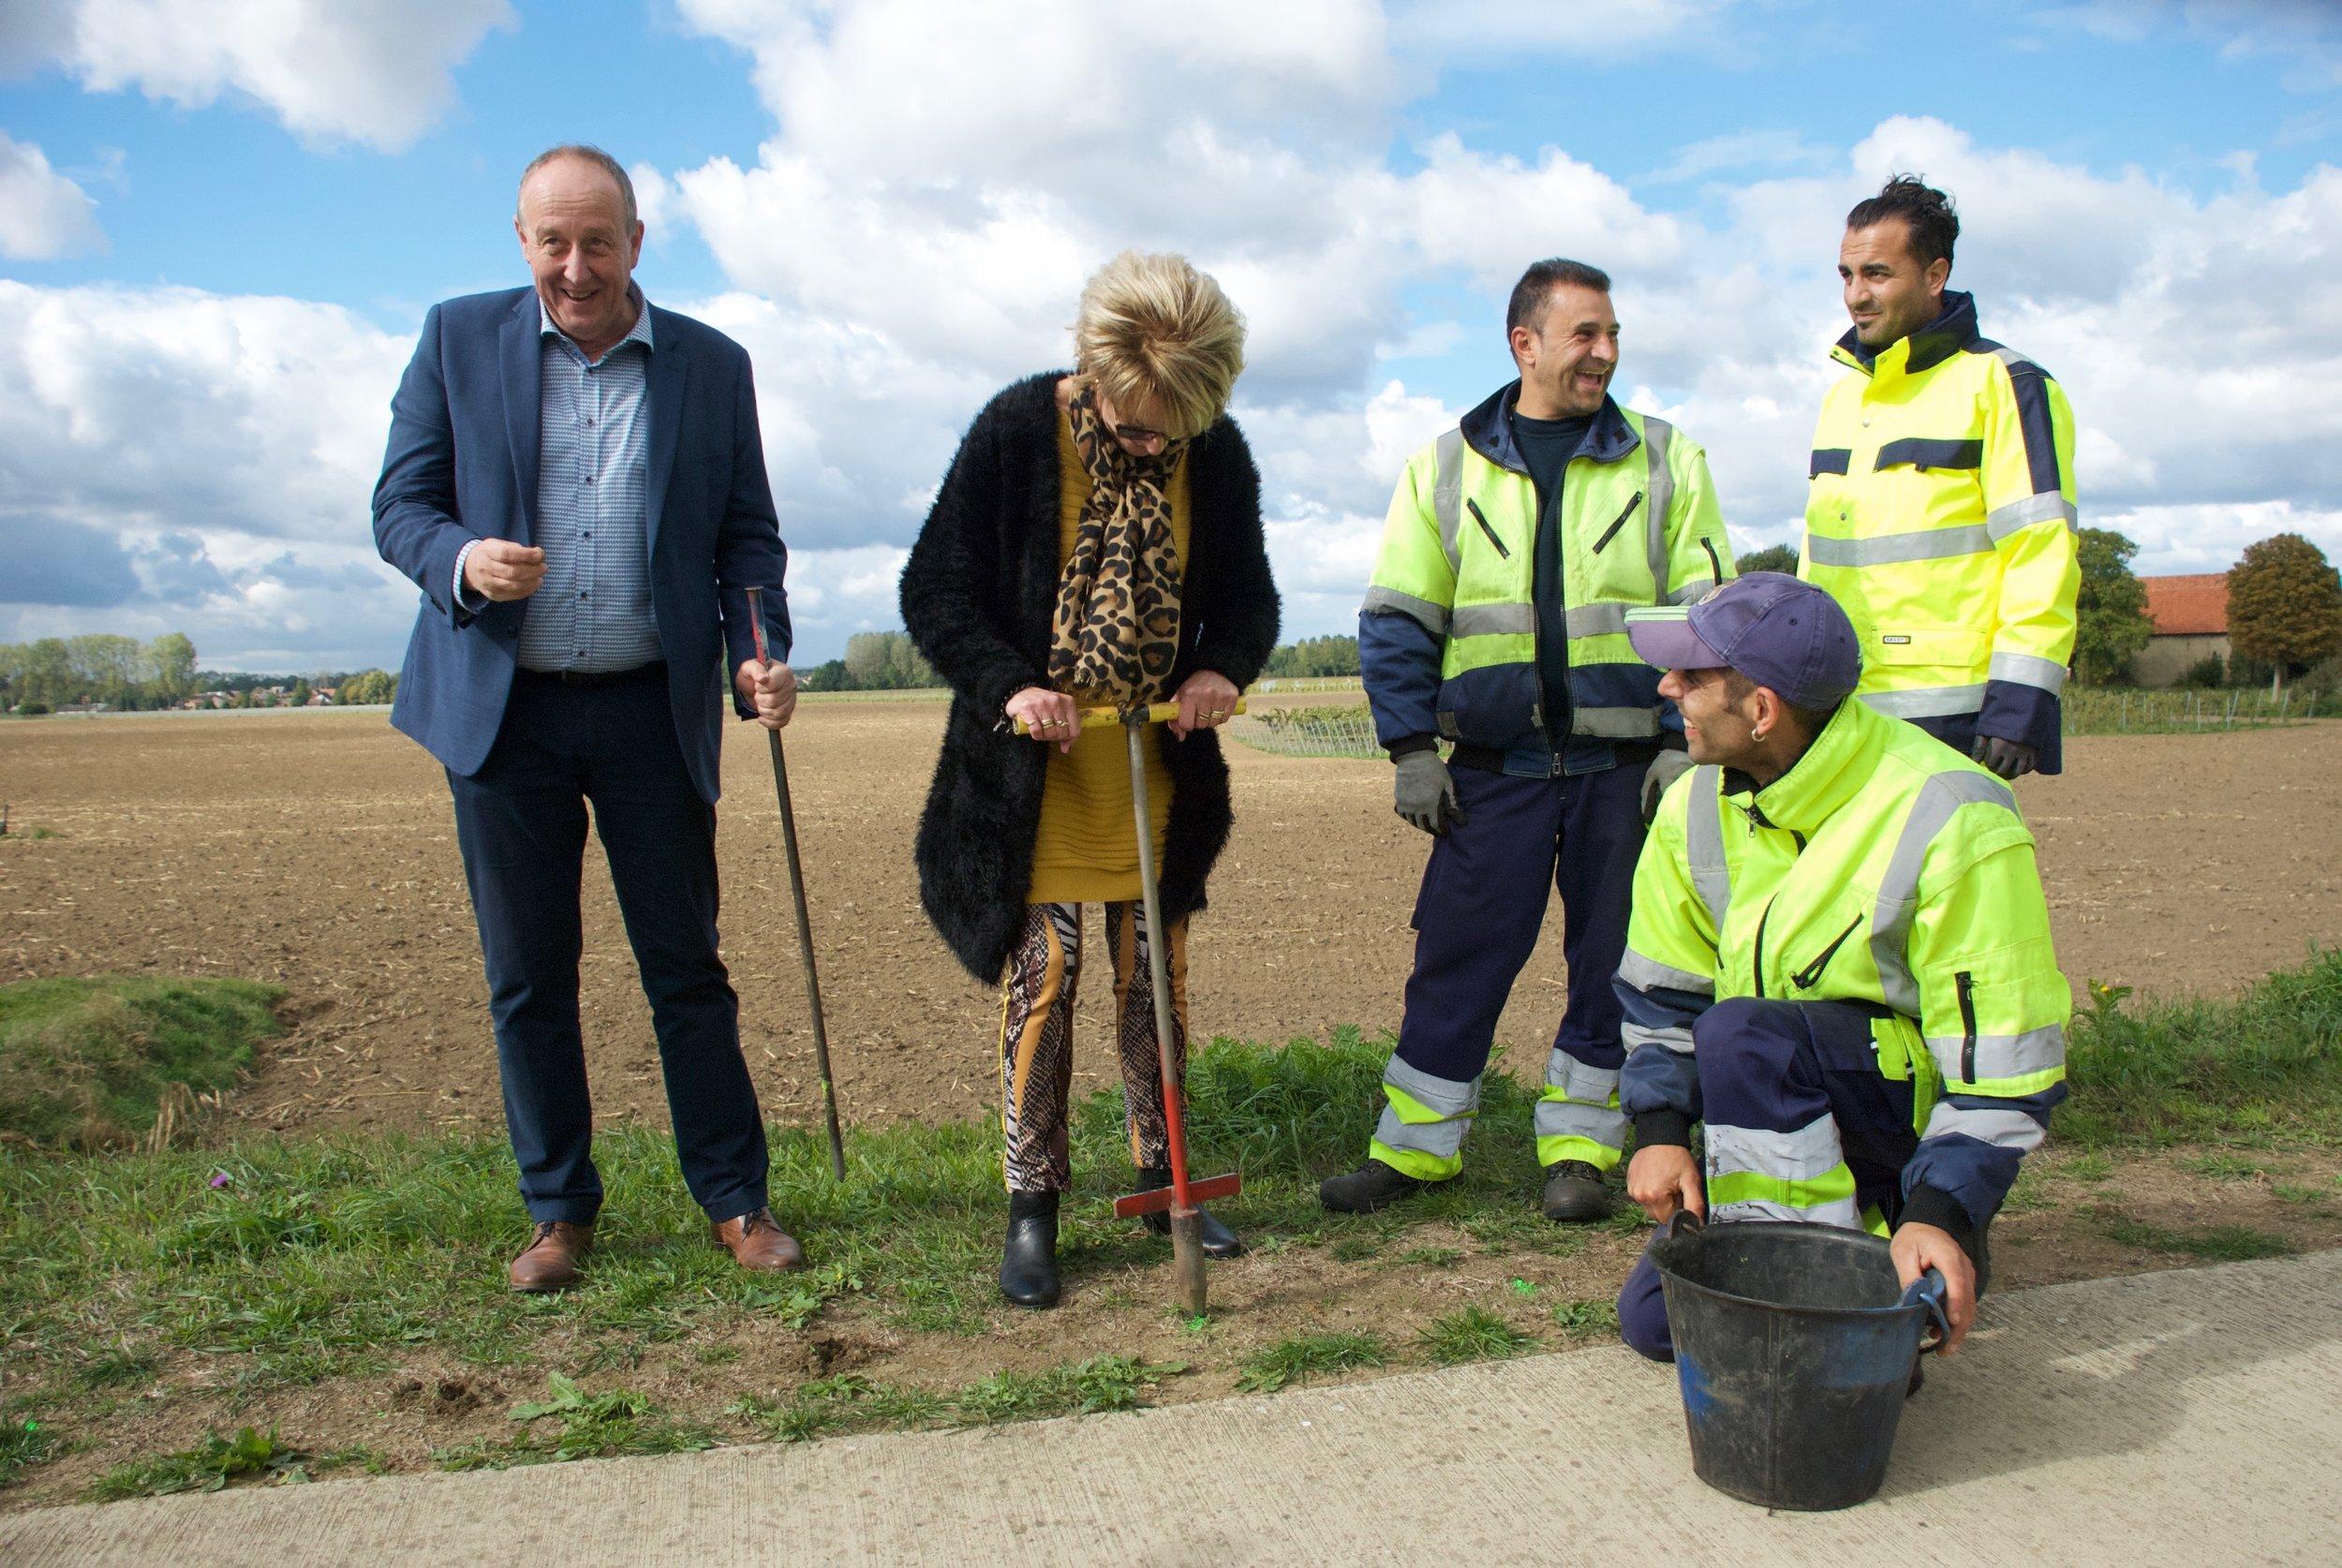 Schepen (BE) en wethouder (NL) planten eerste bol langs de Maas